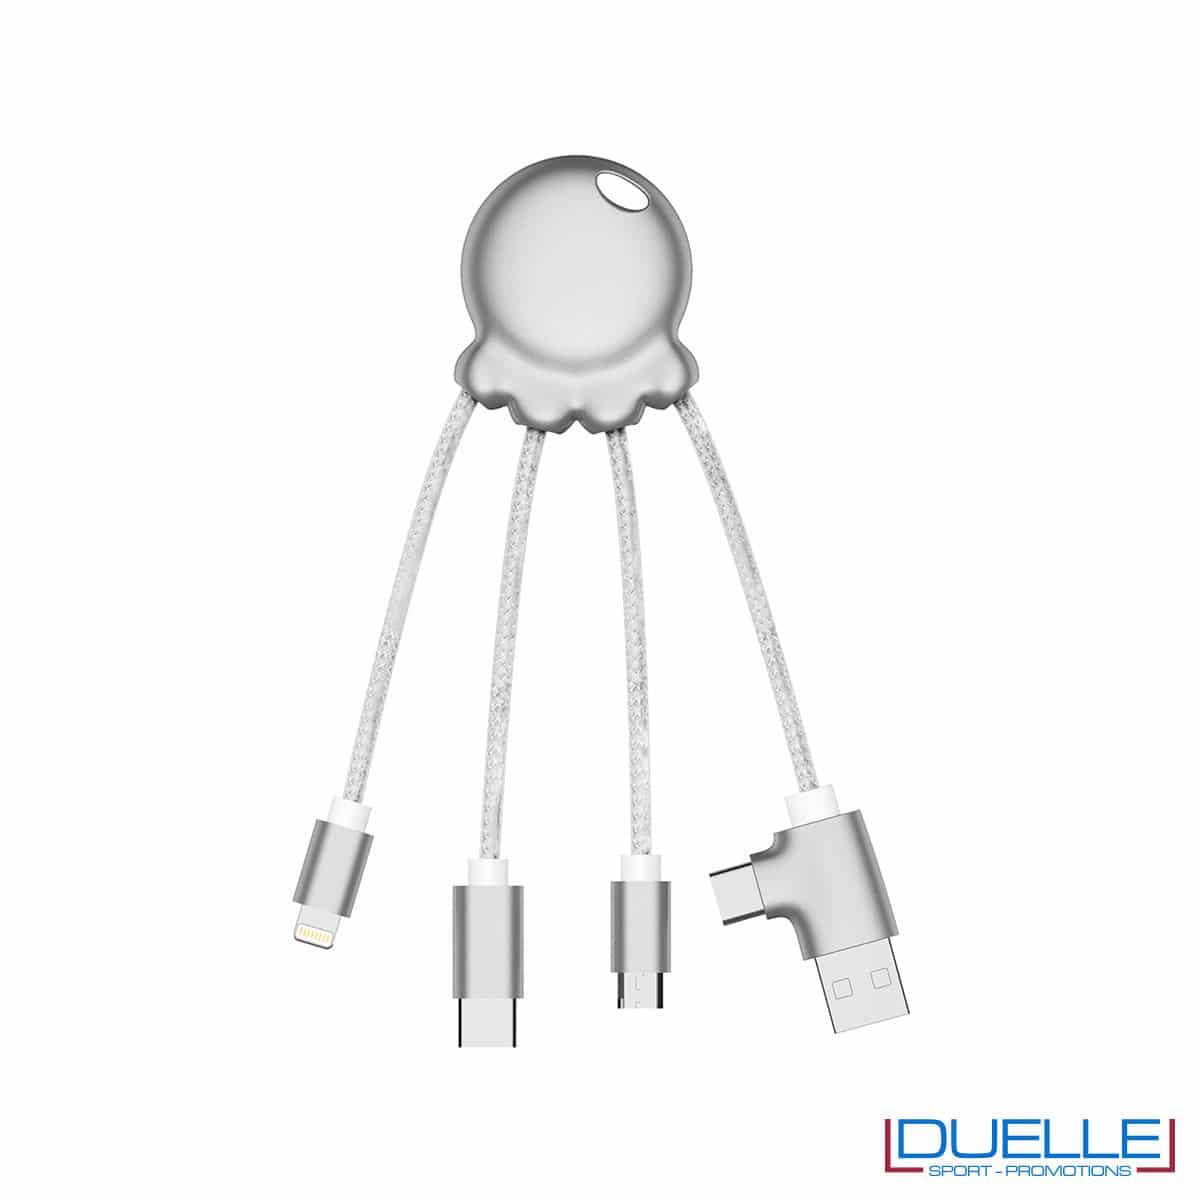 Cavo di ricarica multiplo 4 connettori colore silver metallizzato